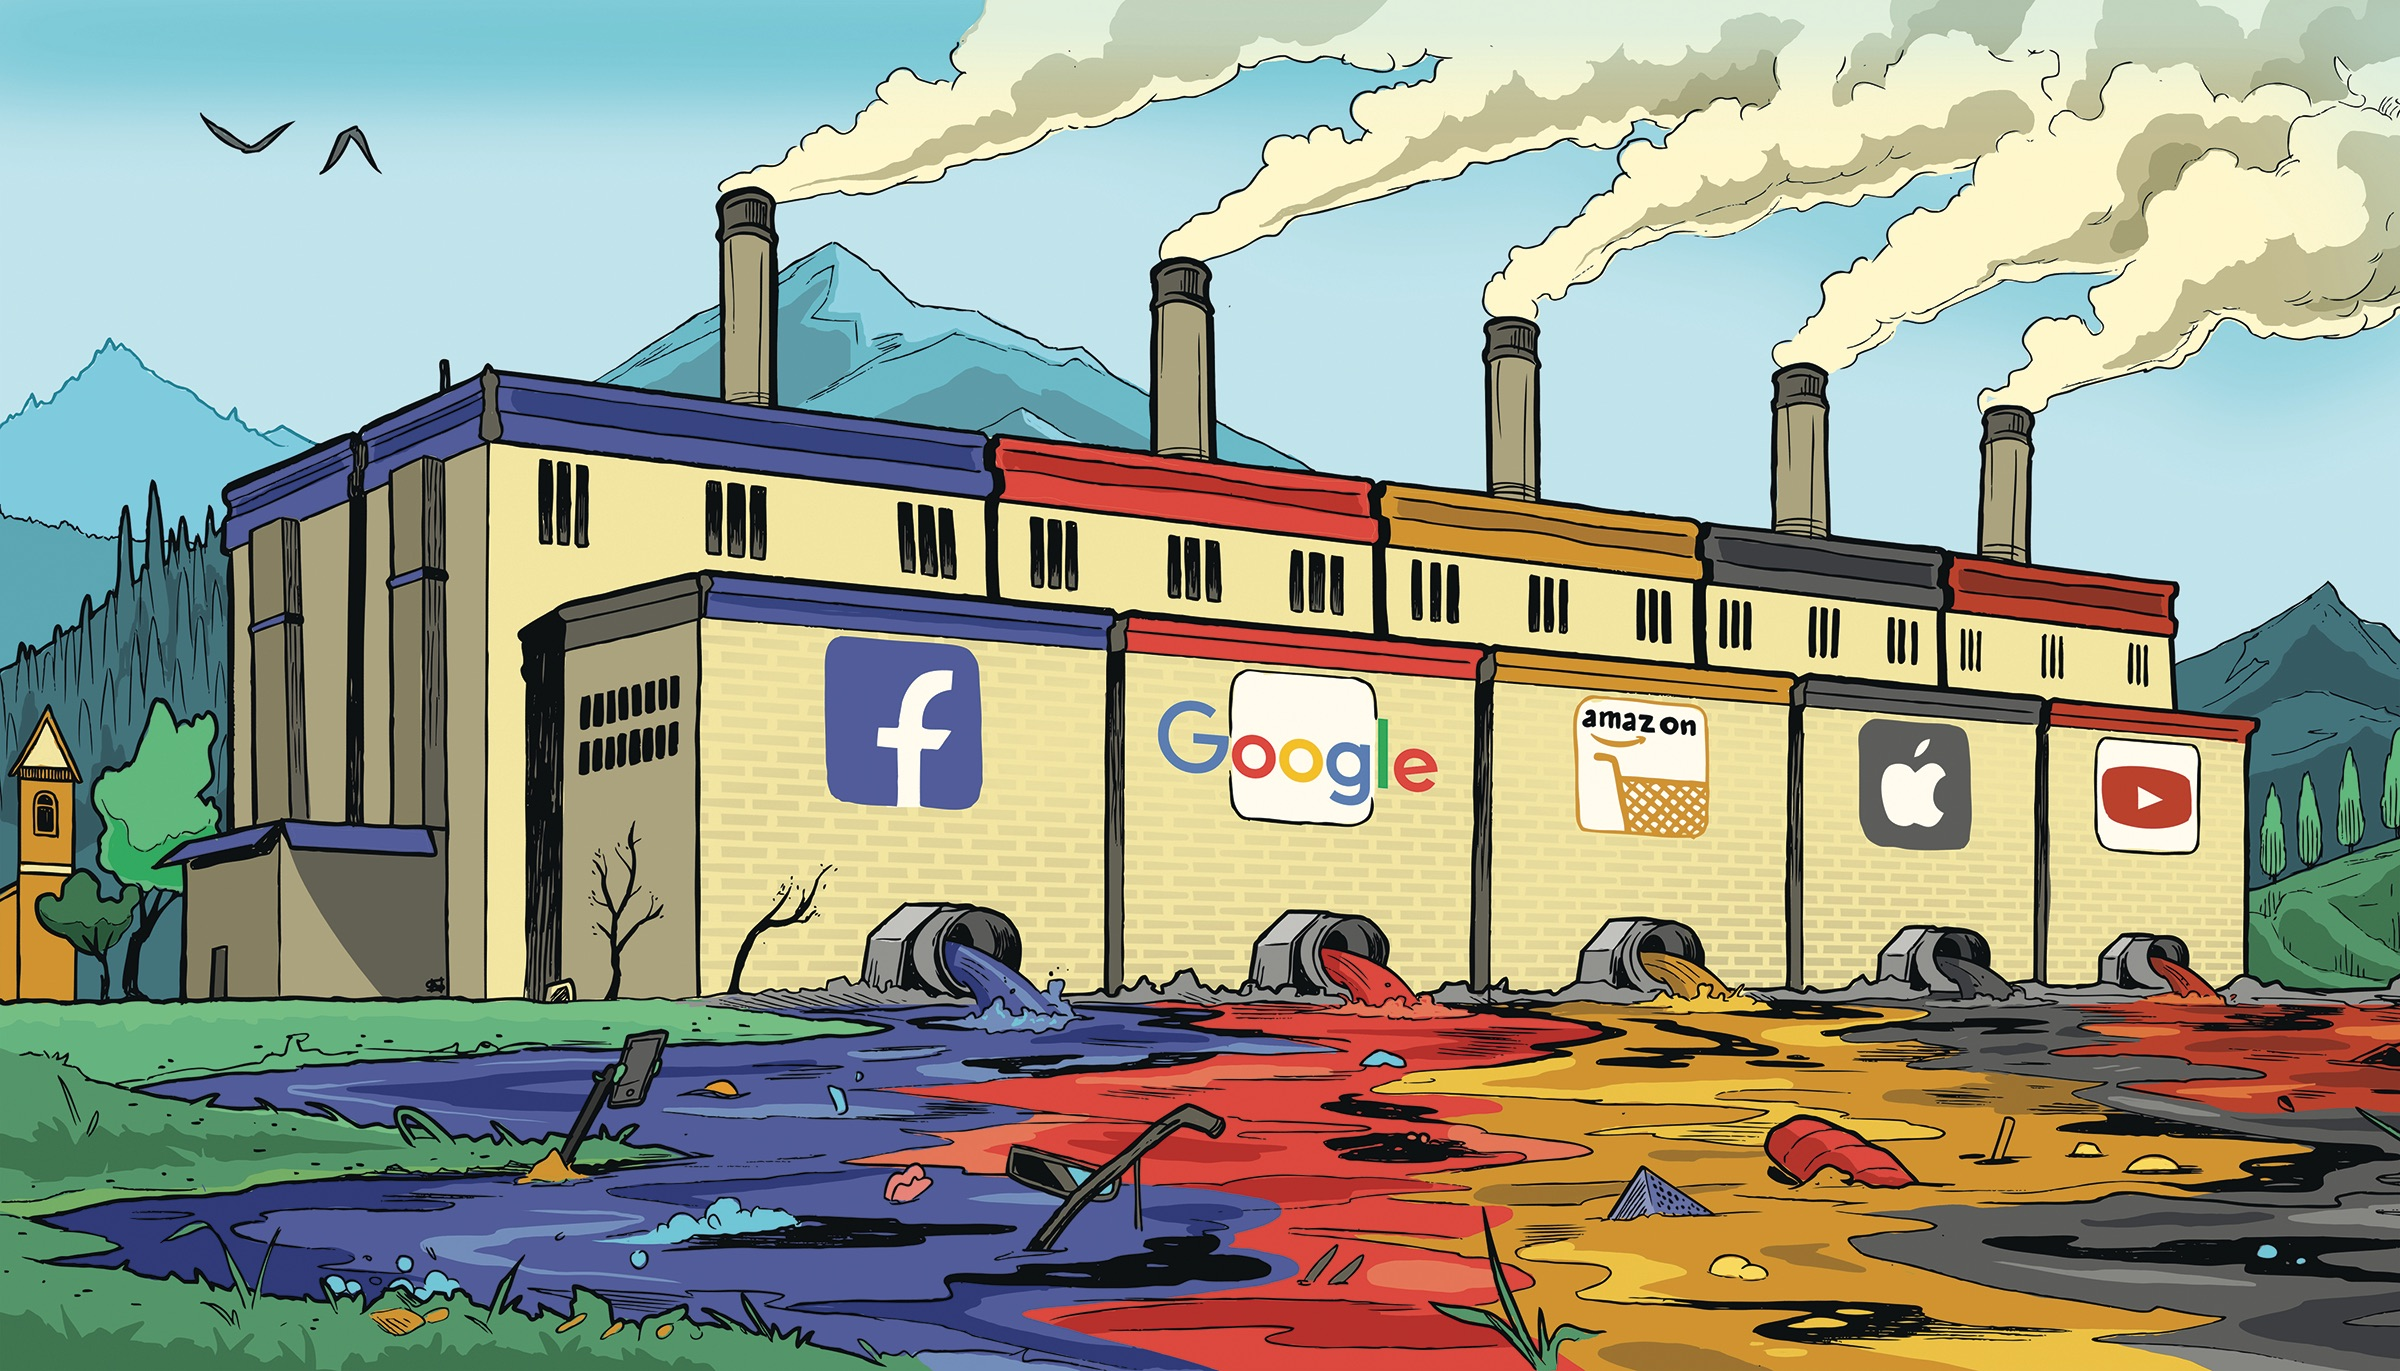 Inquinamento digitale: il web nemico dell'ambiente e i suoi costi ambientali